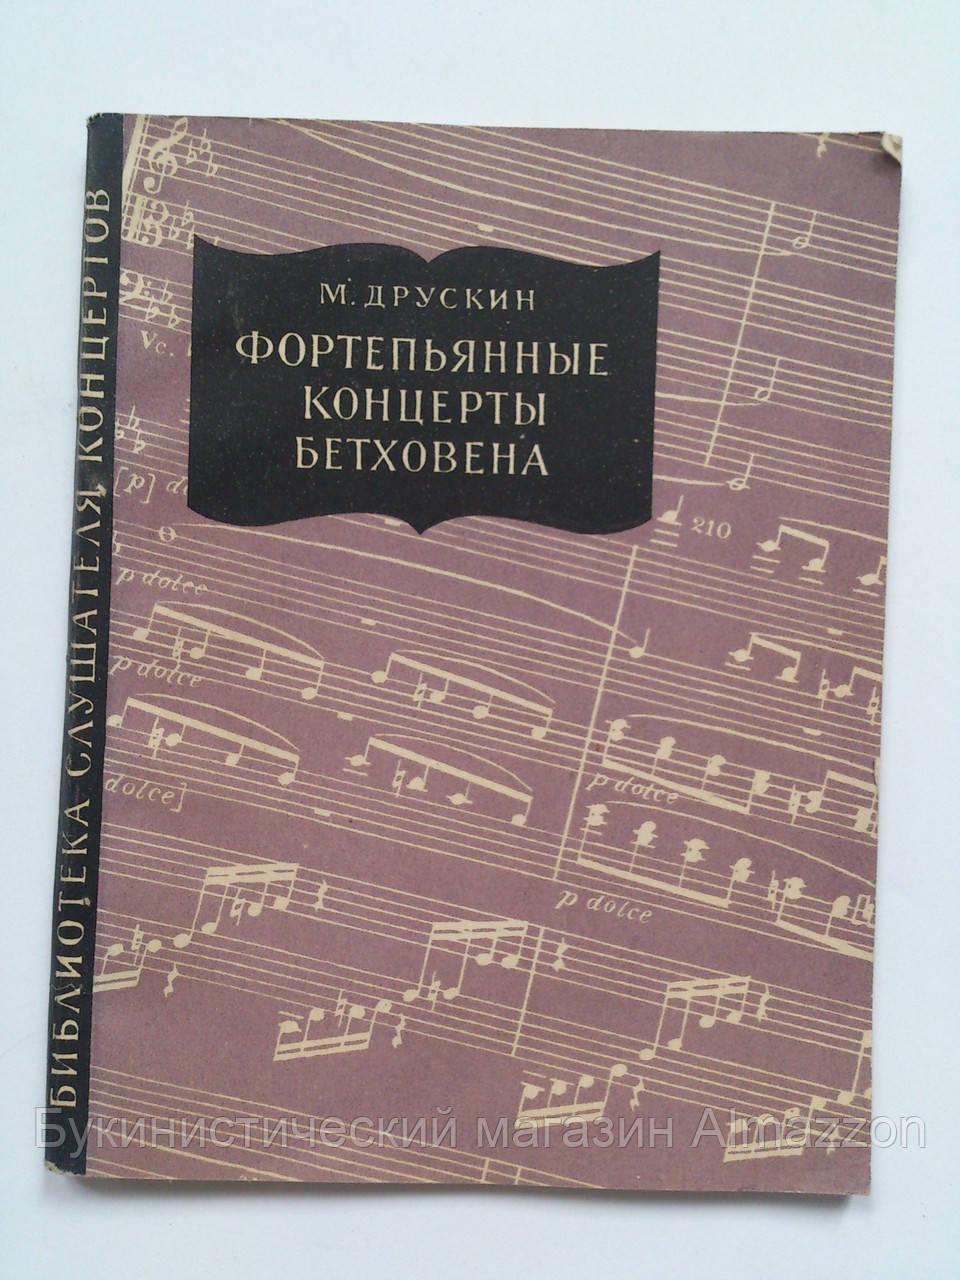 """М.Друскин """"Фортепьянные концерты Бетховена"""". Музгиз. 1959 год"""